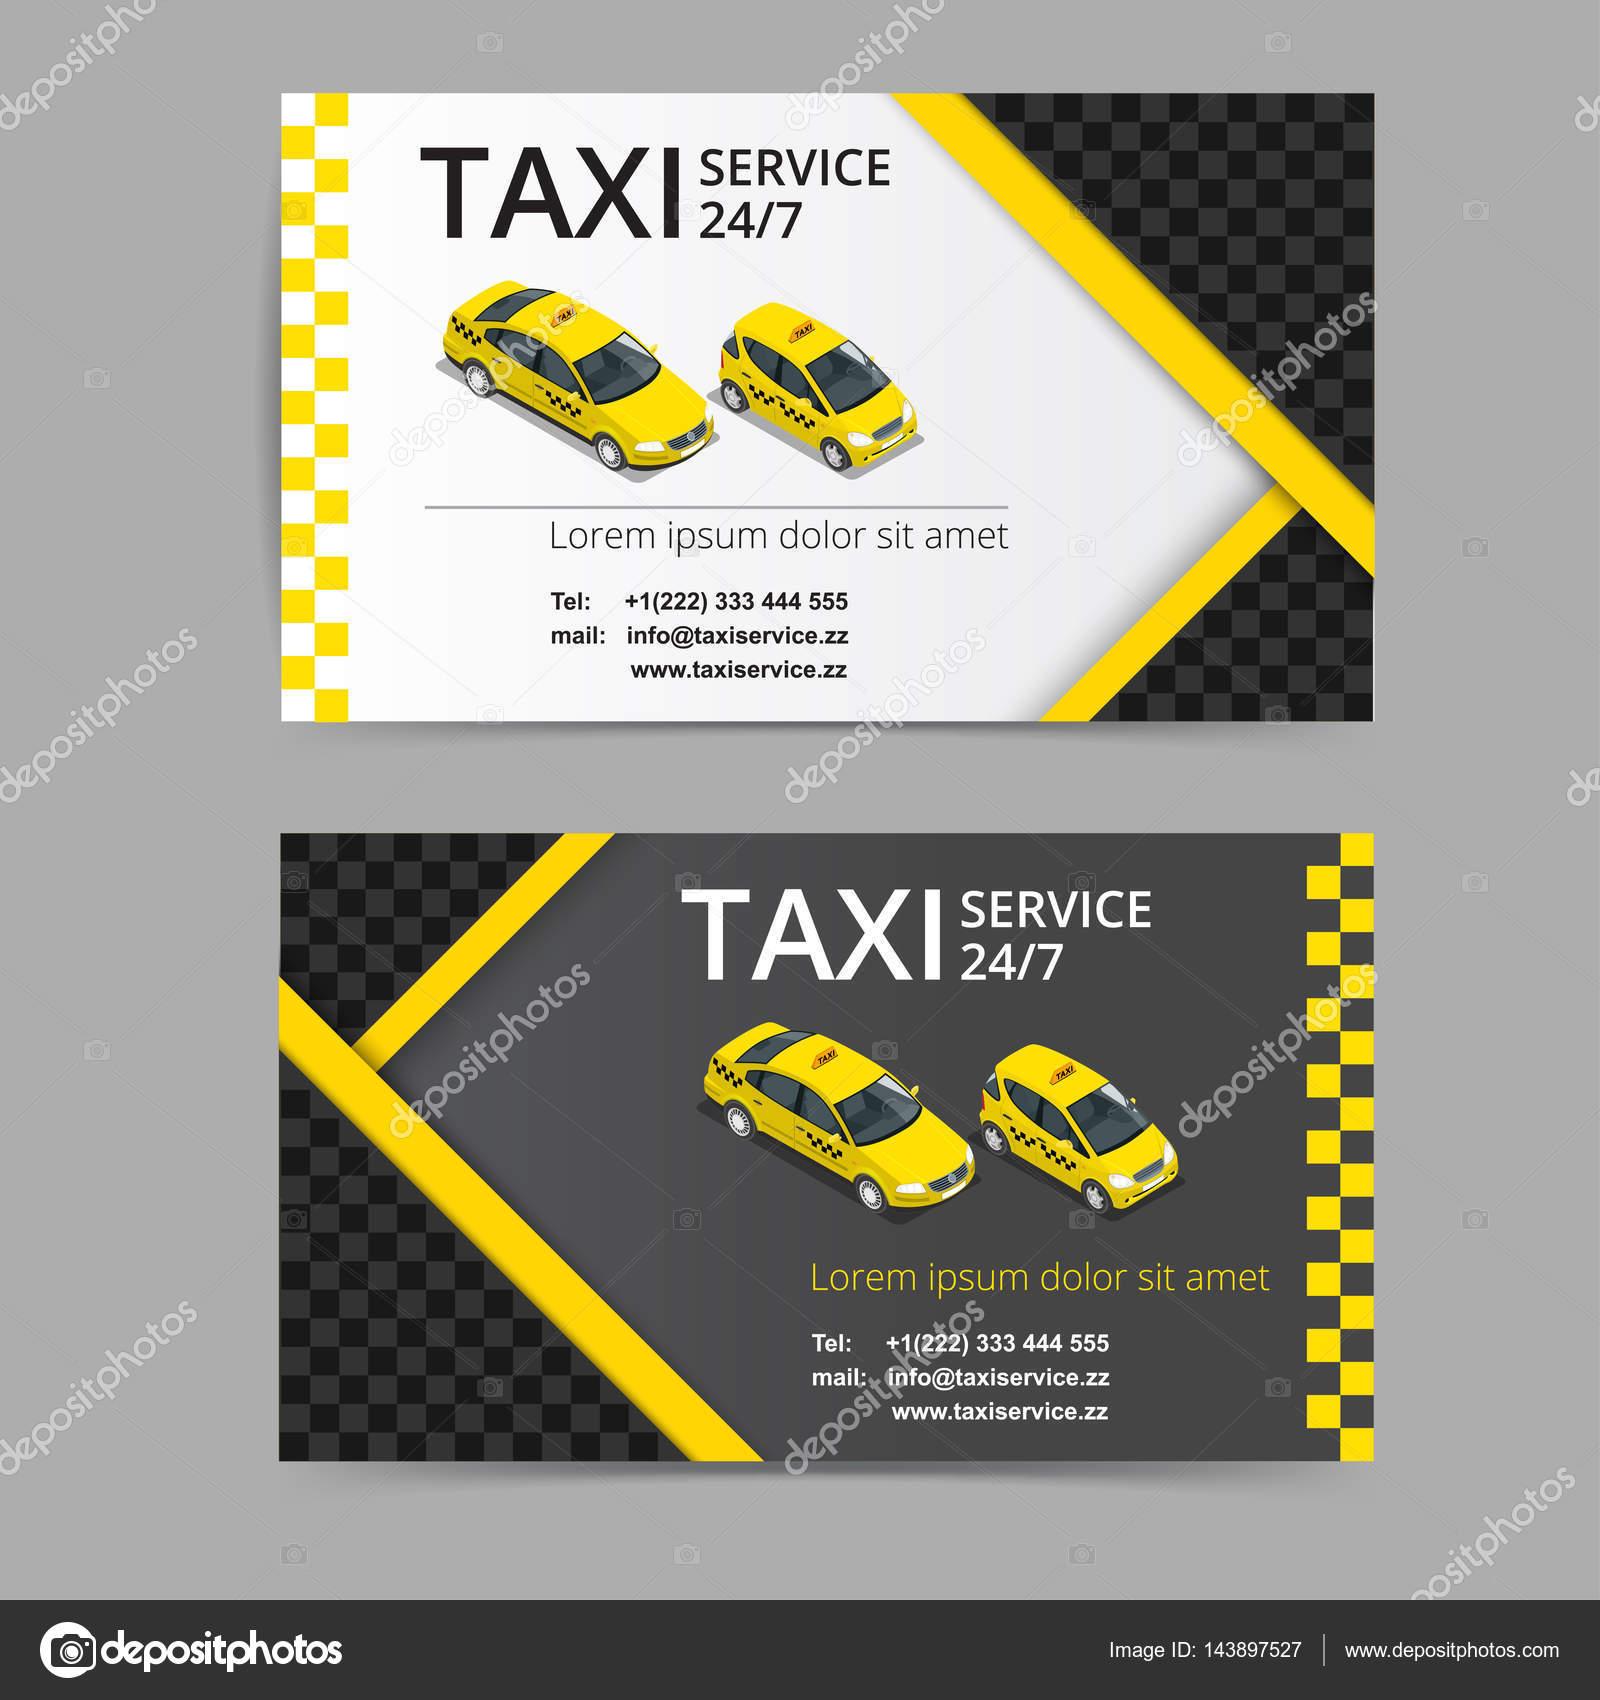 Taxi Karte Für Taxifahrer Taxi Service Vector Visitenkarte